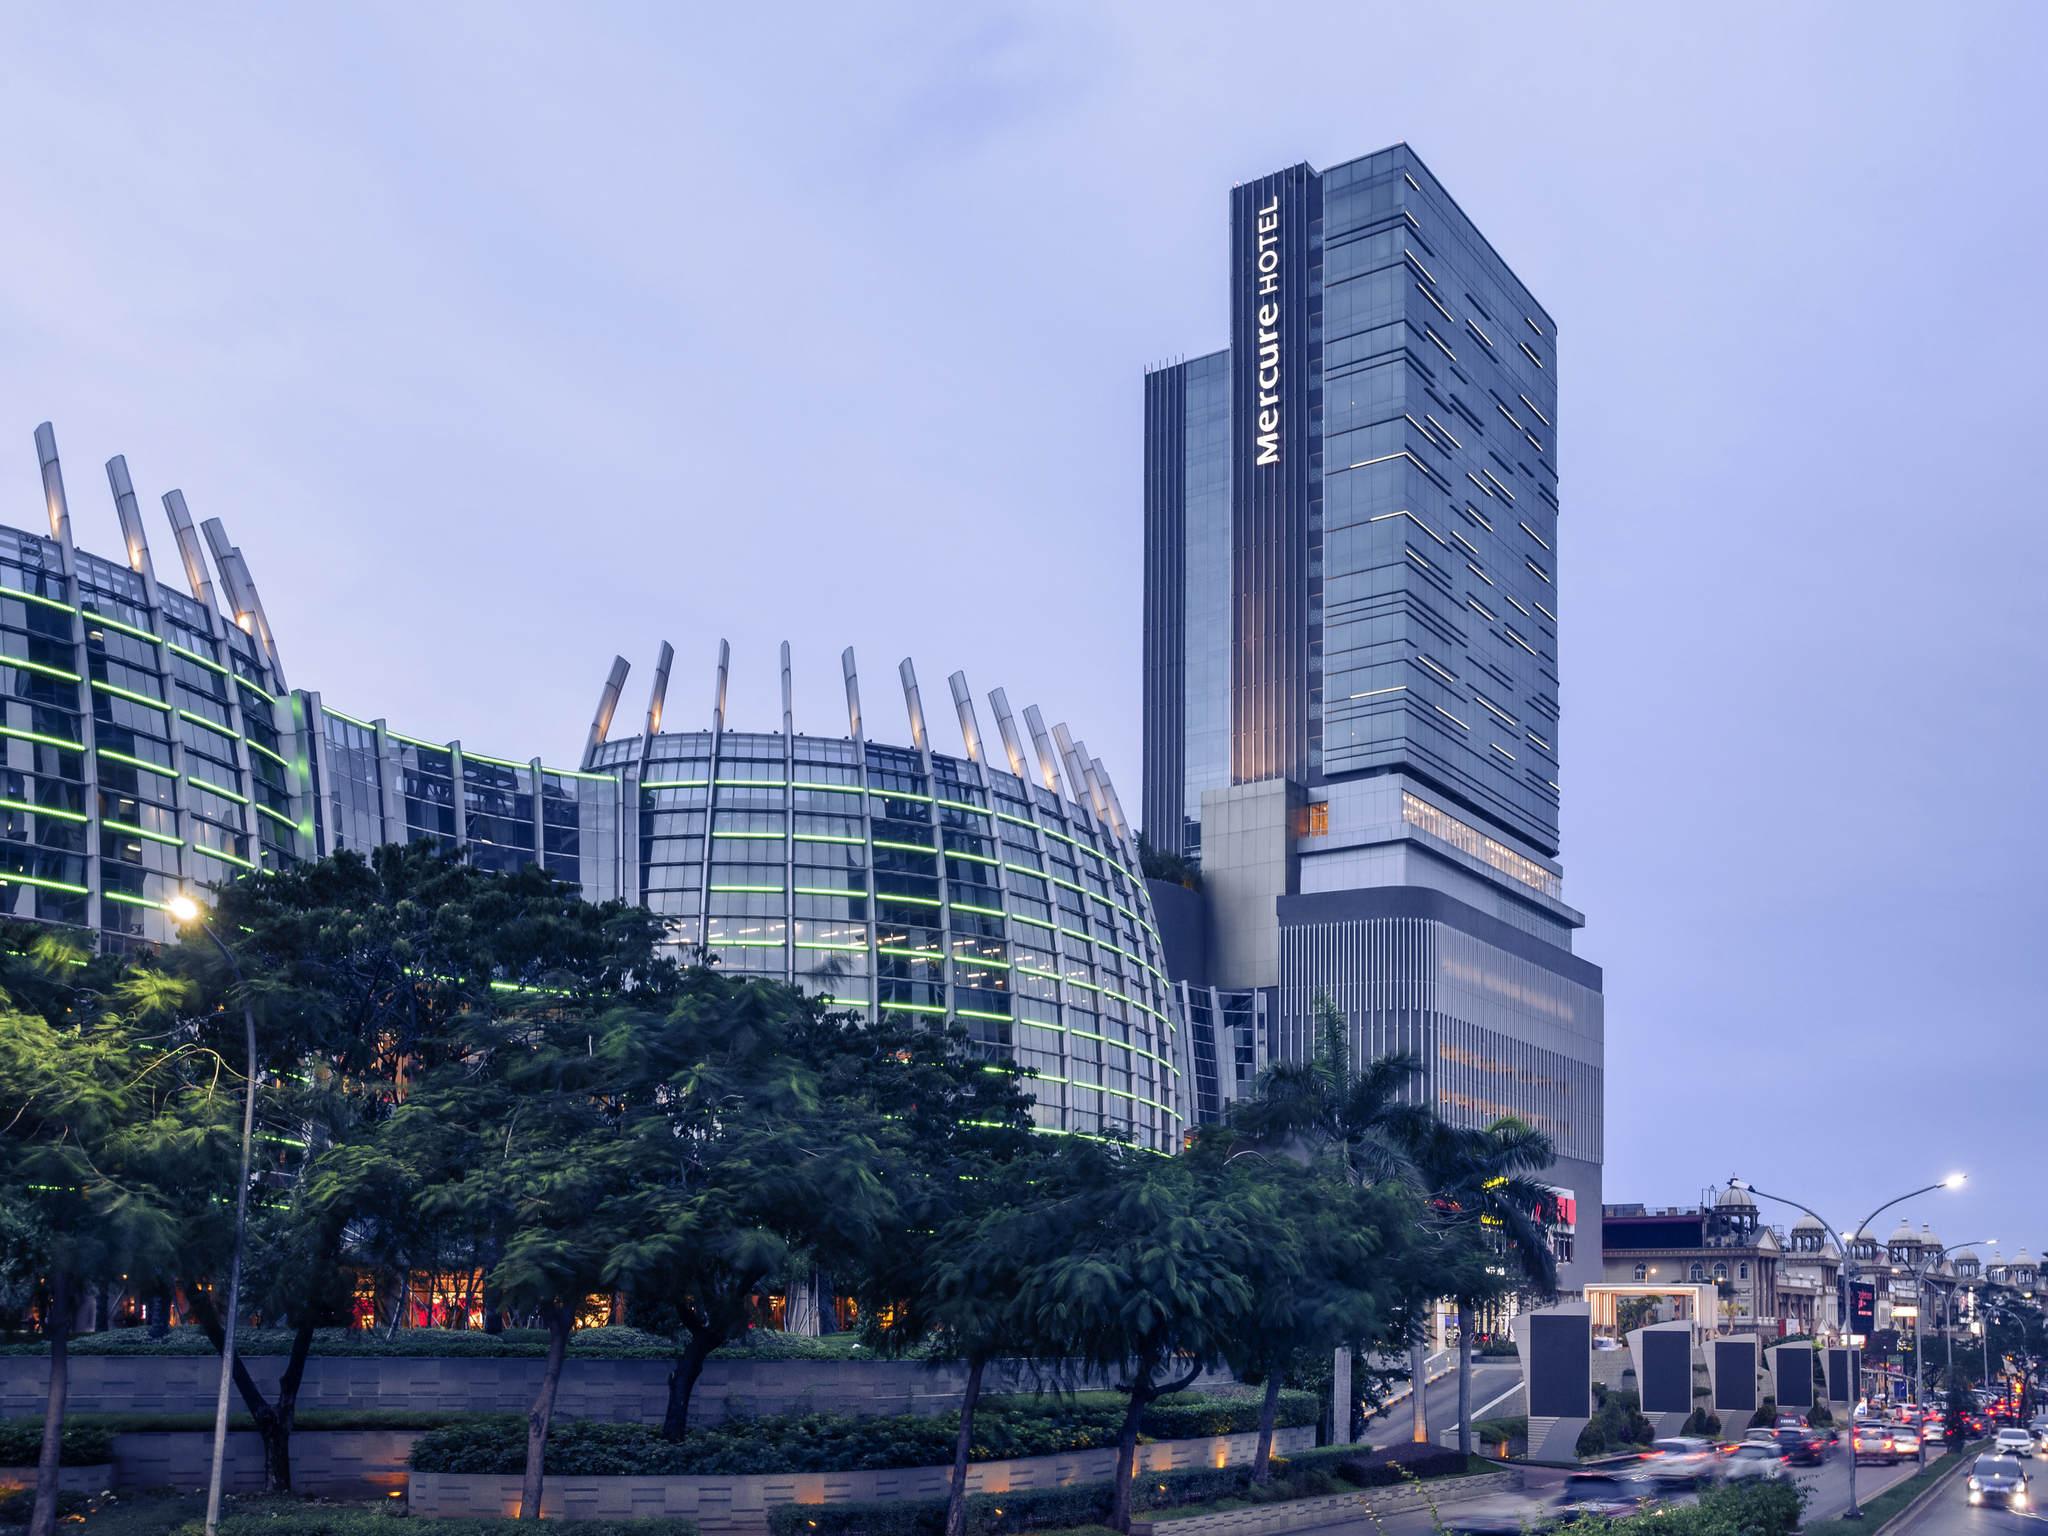 โรงแรม – เมอร์เคียว จาการ์ตา ปันไต อินดะห์ กาปุก